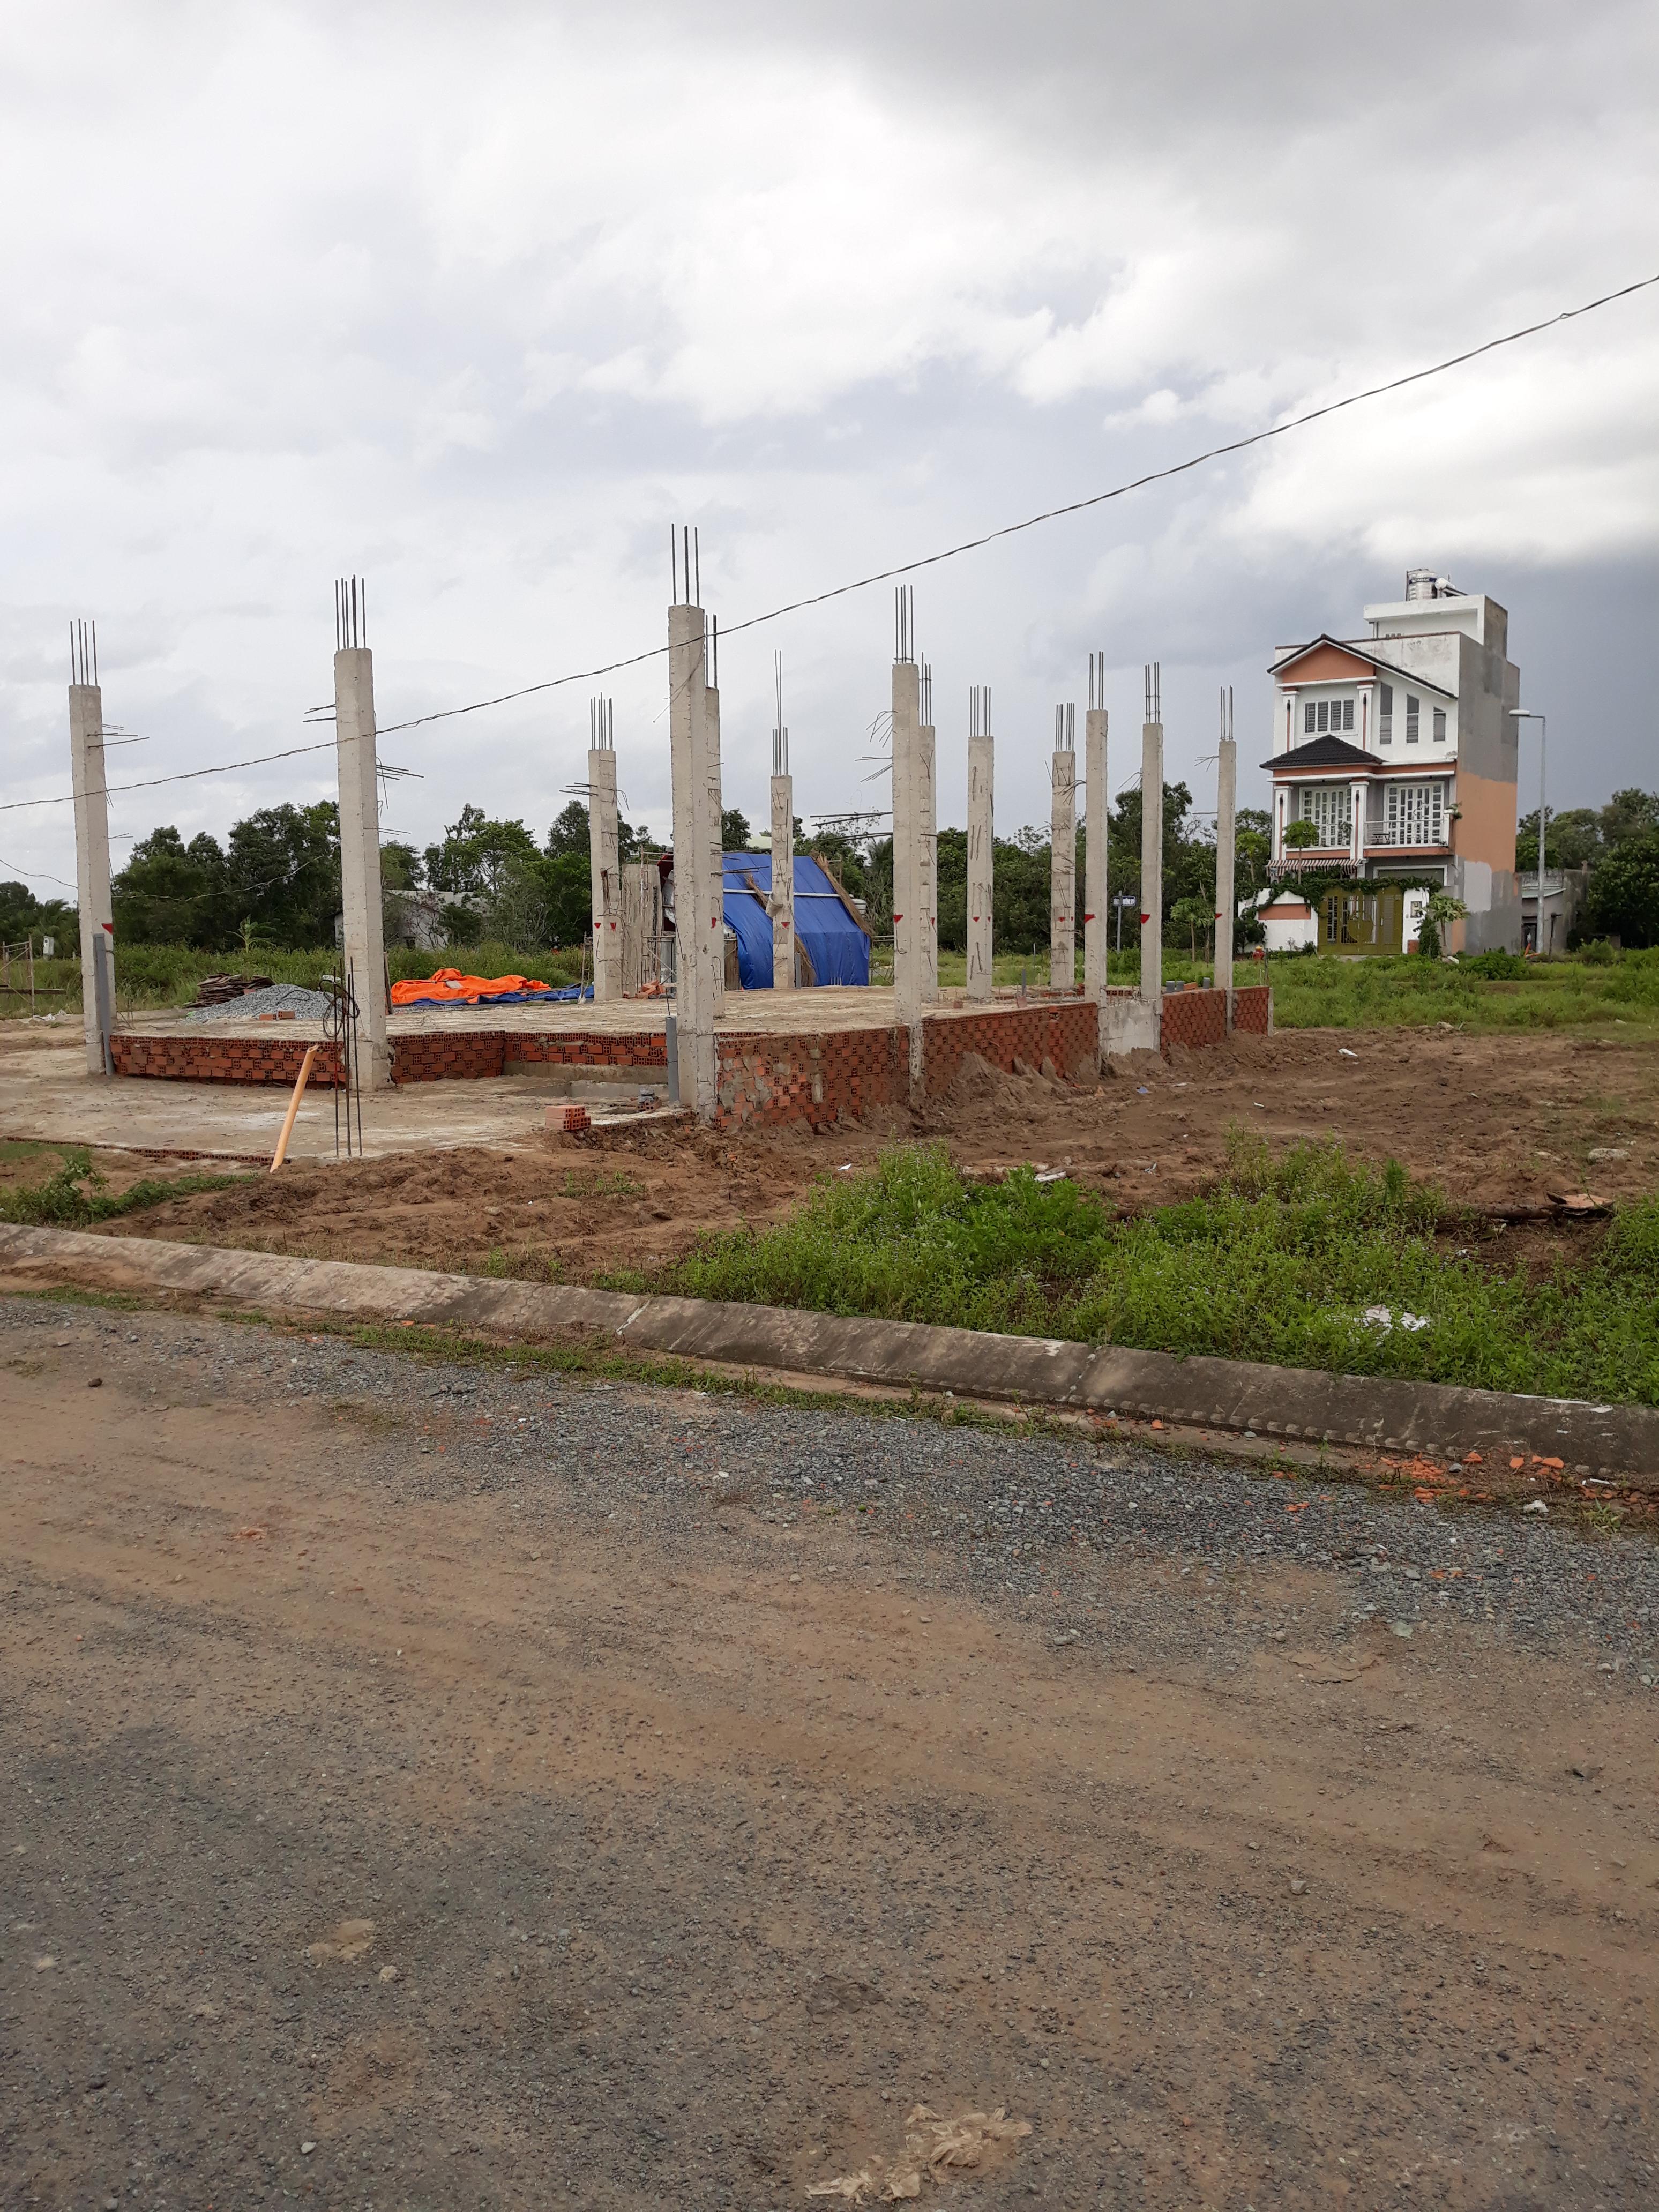 Bán đất 7 x 20, thổ cư 100%, đường 20m, giá chỉ : 11tr/m, Đinh Đức Thiện, sau trường PTTH BChanh